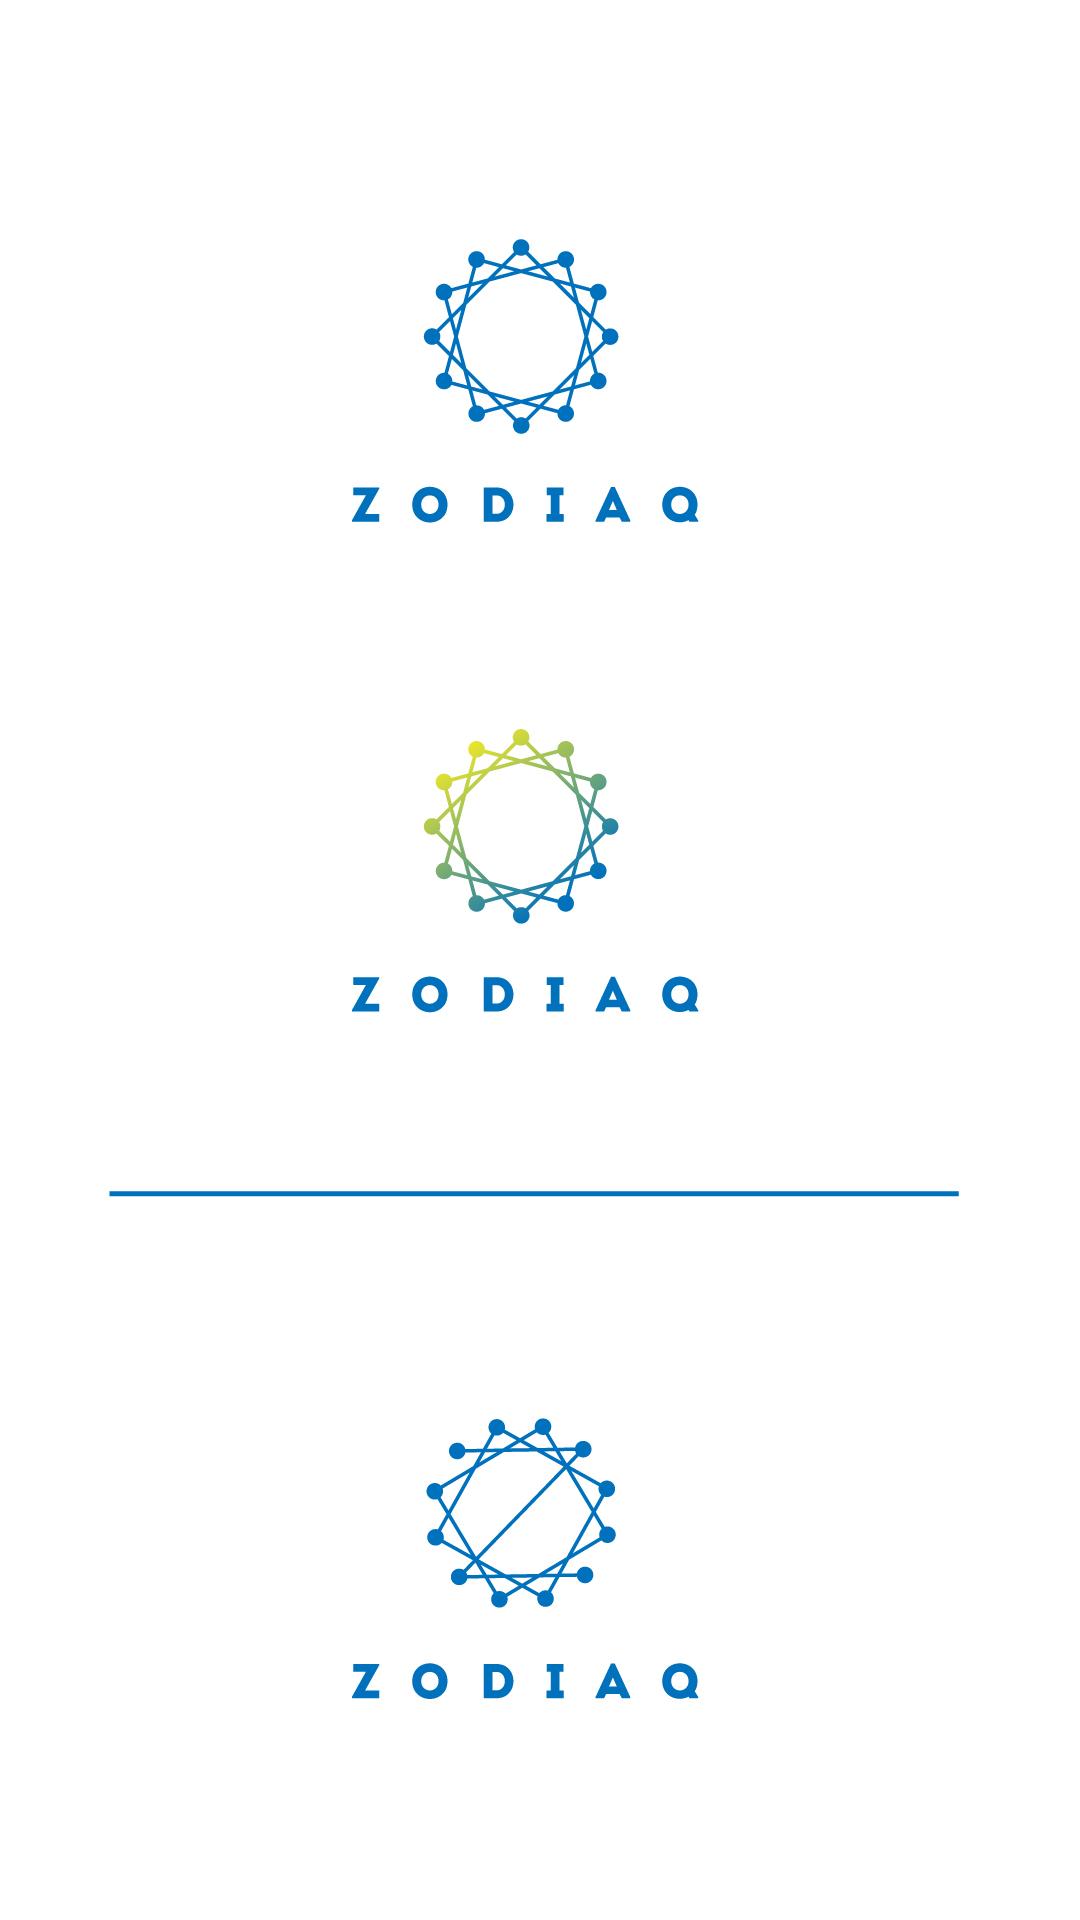 Разработка логотипа и основных элементов стиля фото f_9085990498447d06.jpg